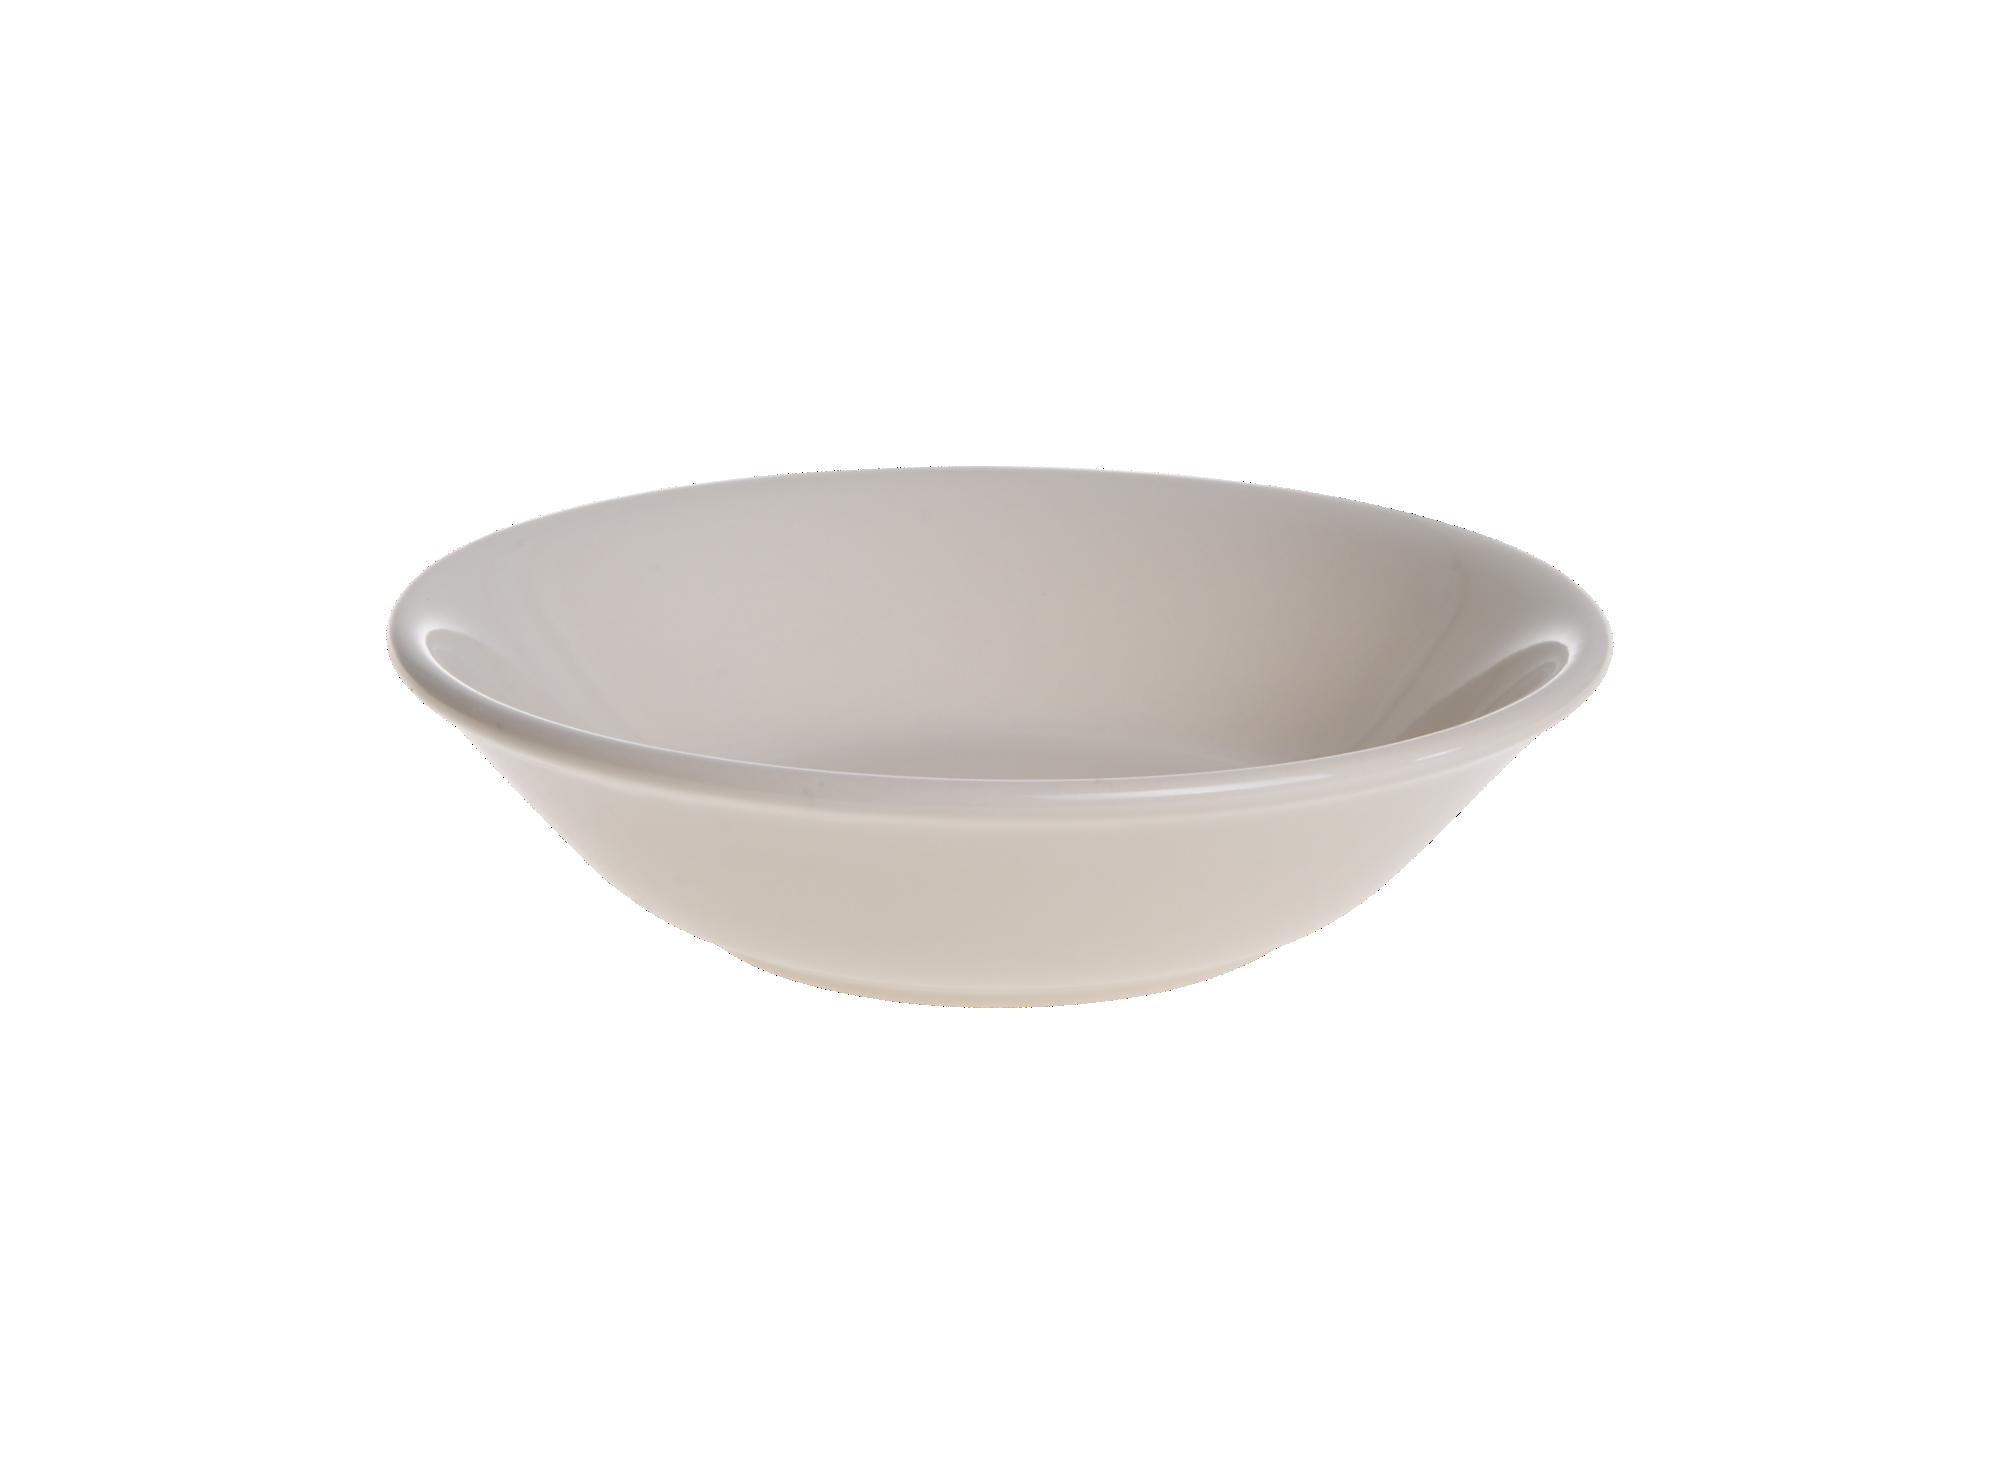 Assiette creuse en faience emaillee creme resiste au lave-vaisselle e ...